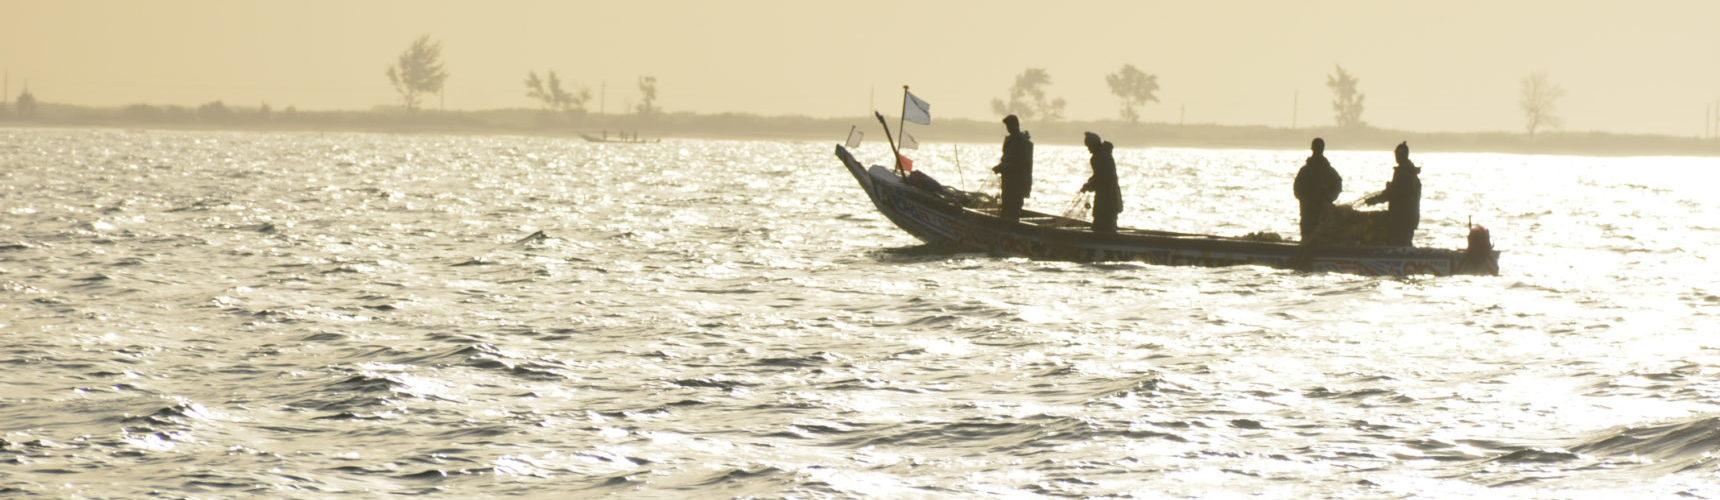 Pêcheurs au large de dionwar